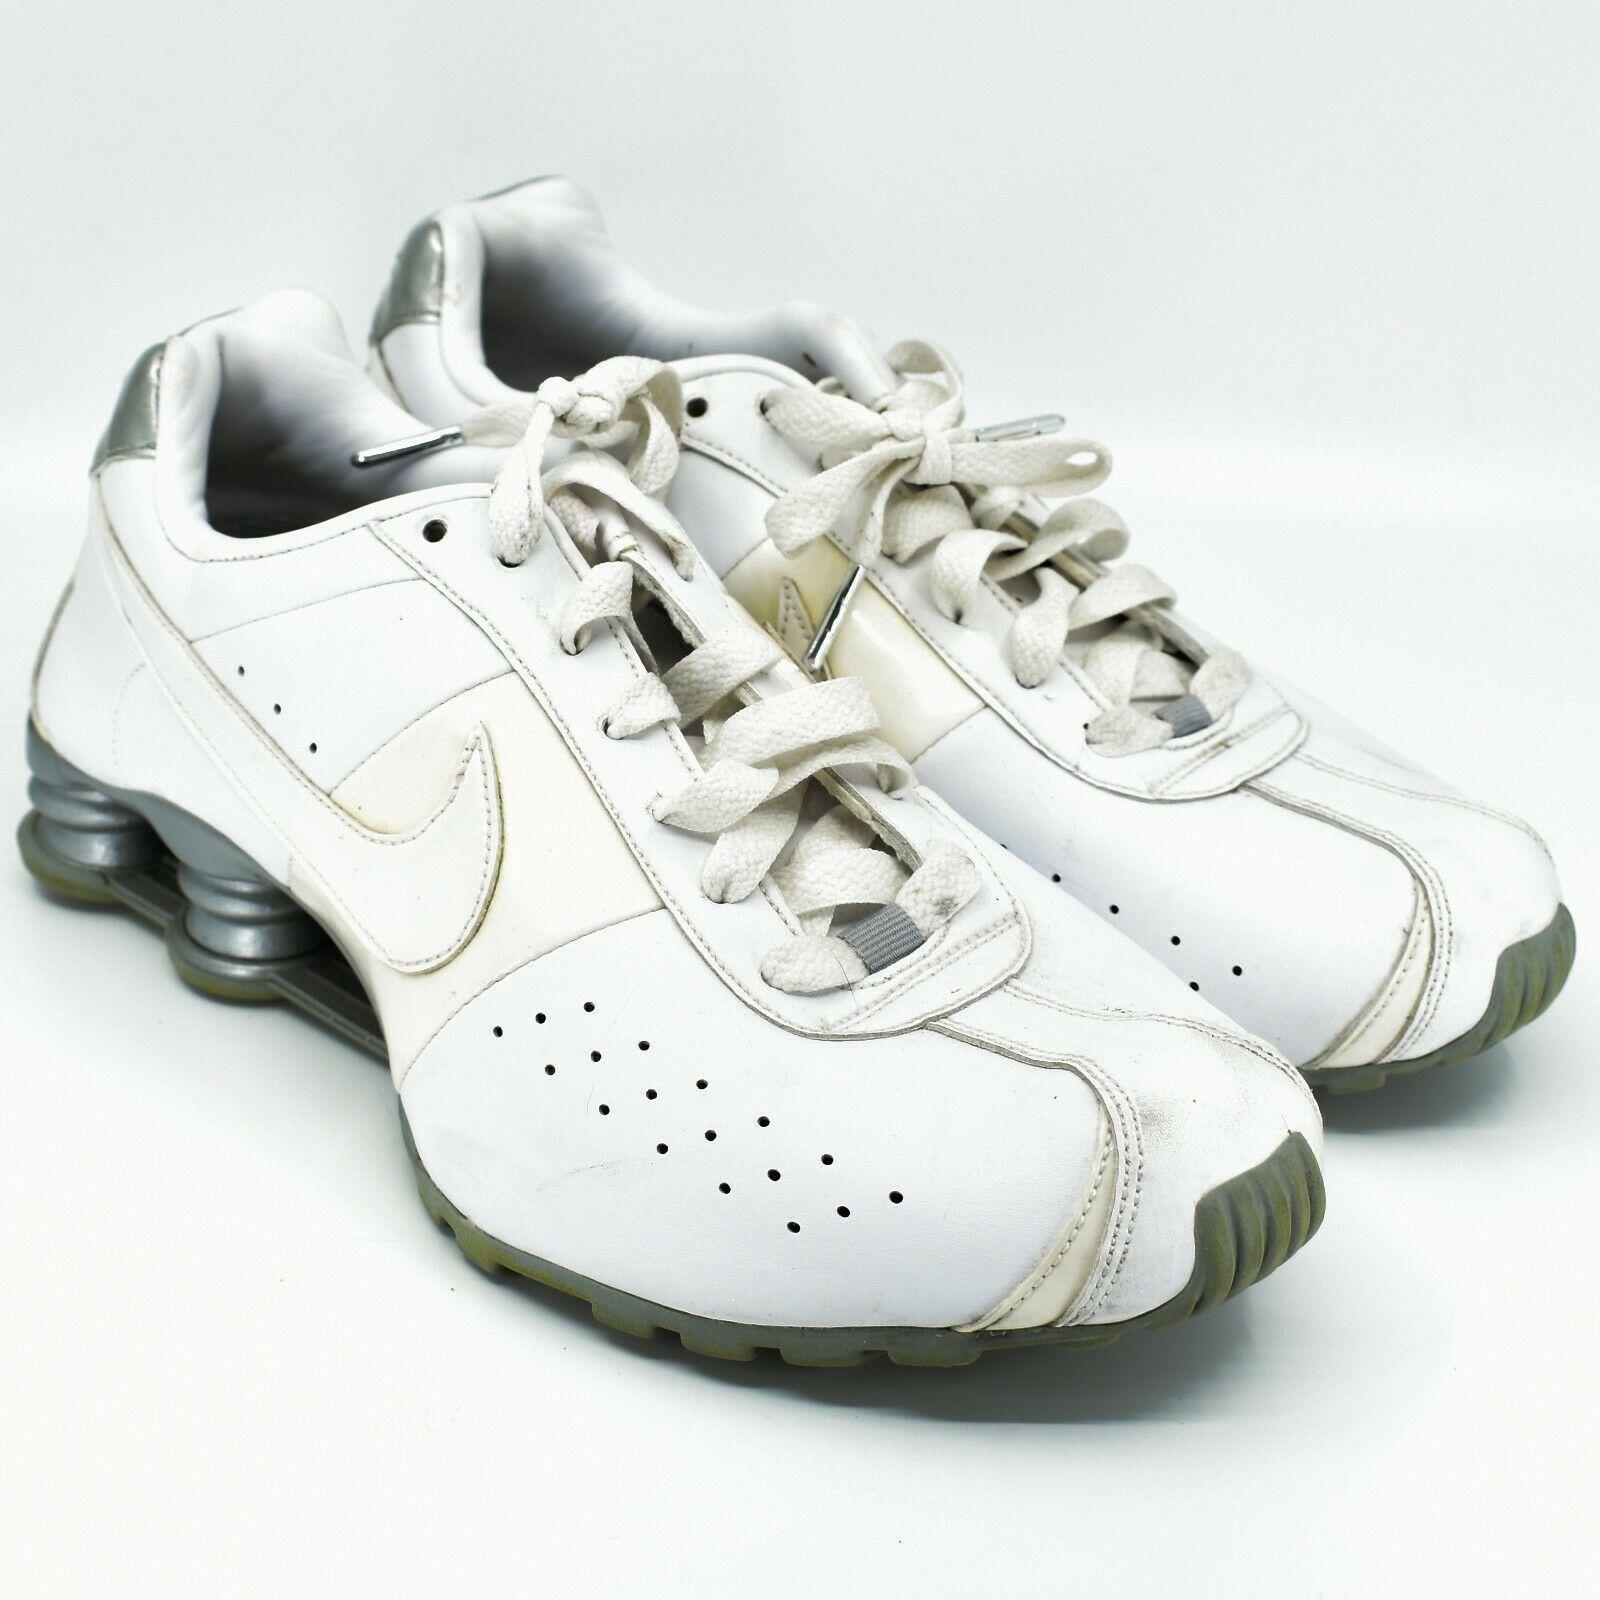 Nike Shox Classic II Women's White & Silver Running Sneaker Size 10 343907-111